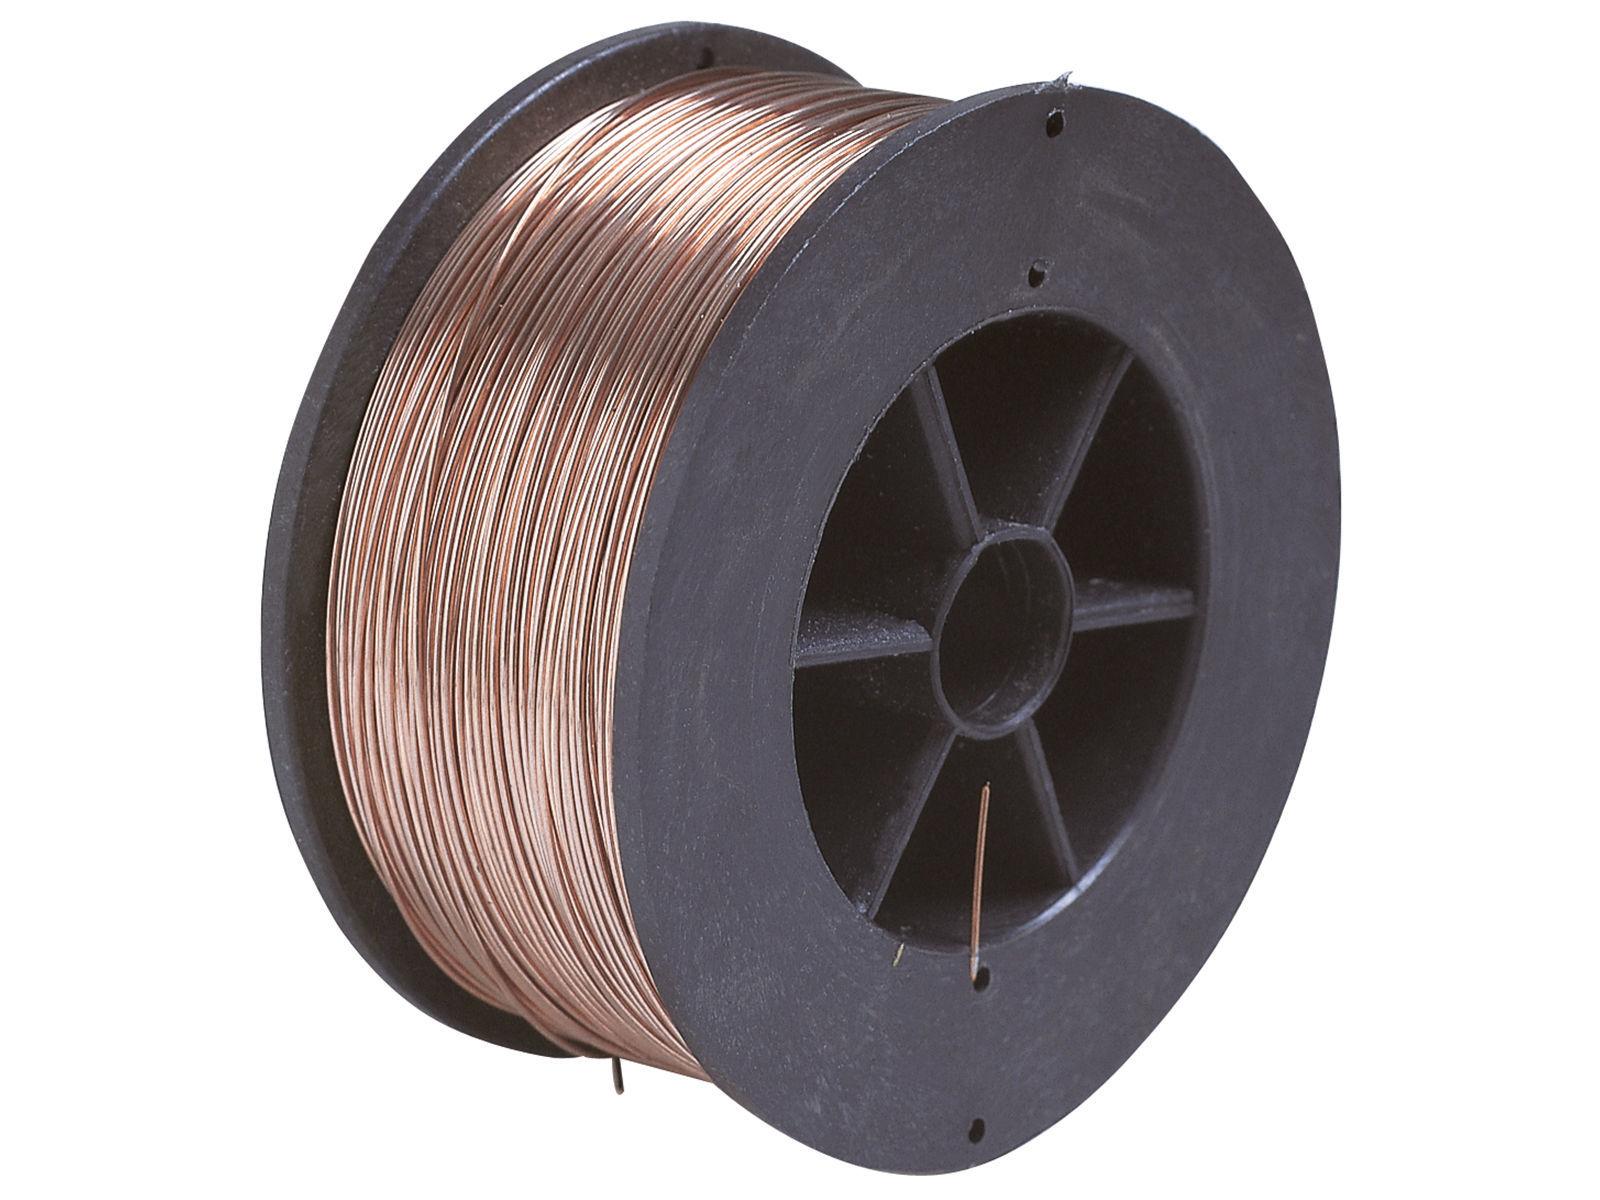 Bilde av Sveisetråd stål Ø0,8 mm 0,8kg